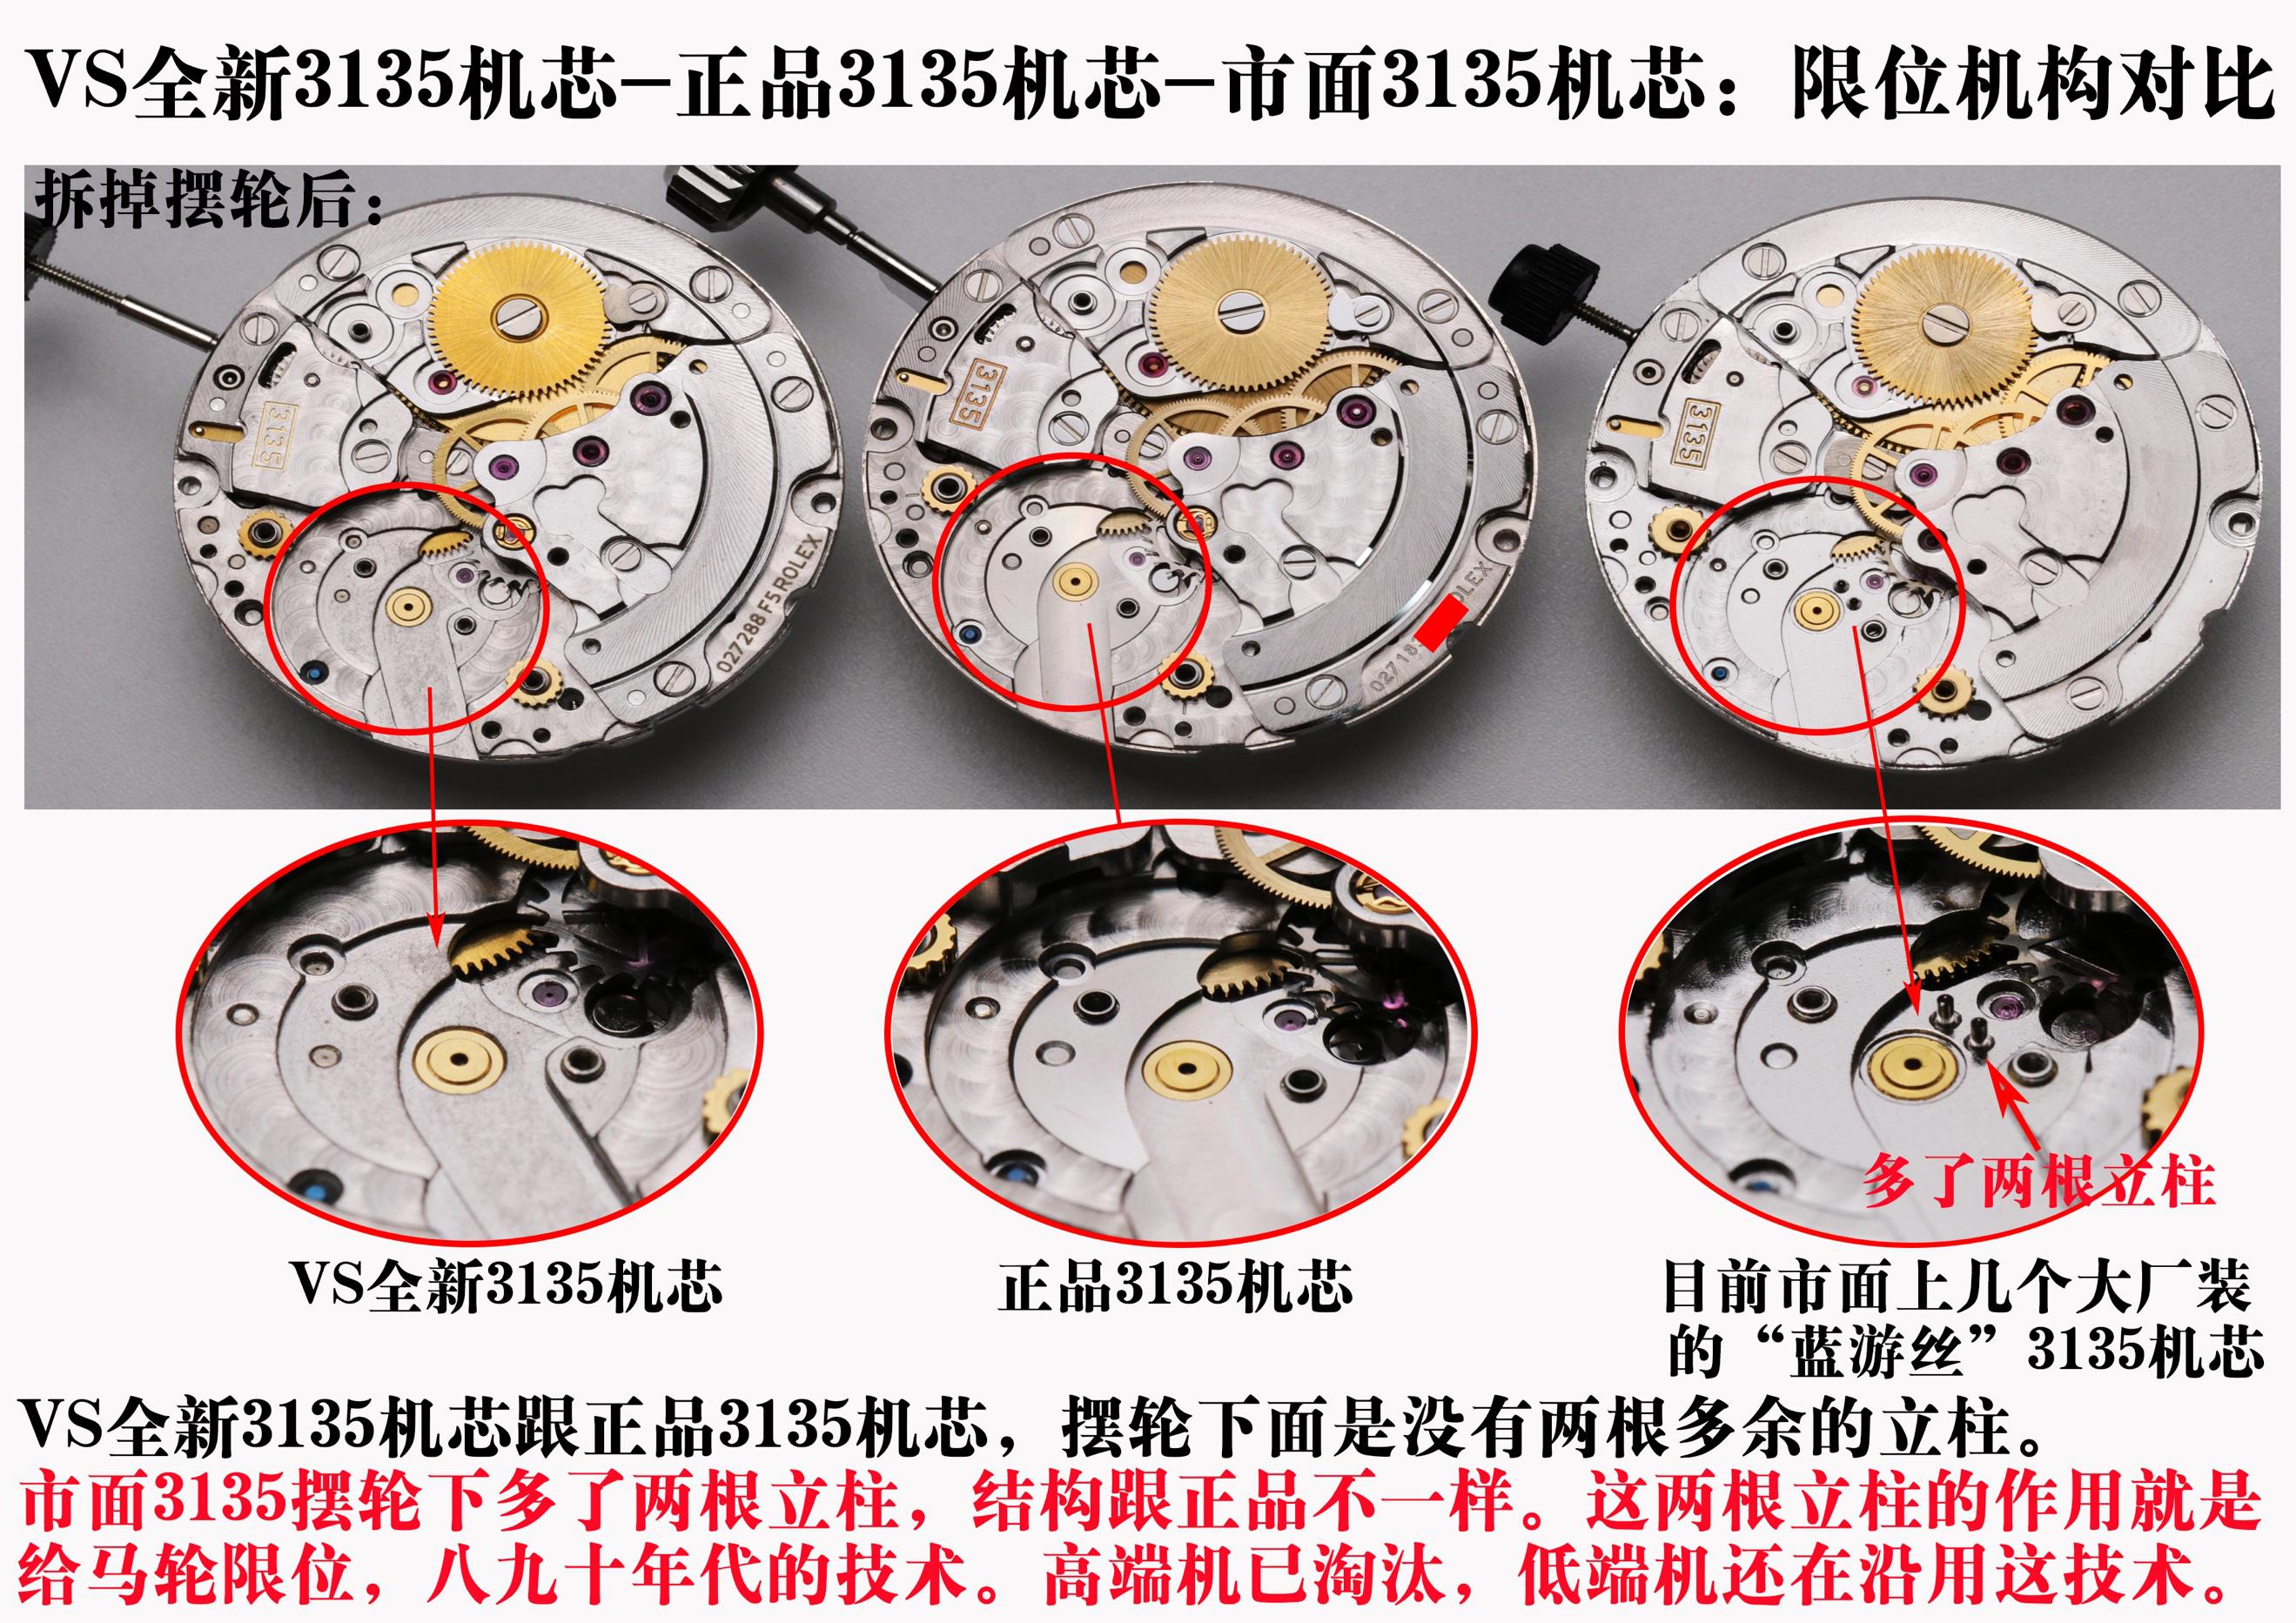 VS厂全新复刻劳力士3135机芯对比正品和其它版本评测-第12张